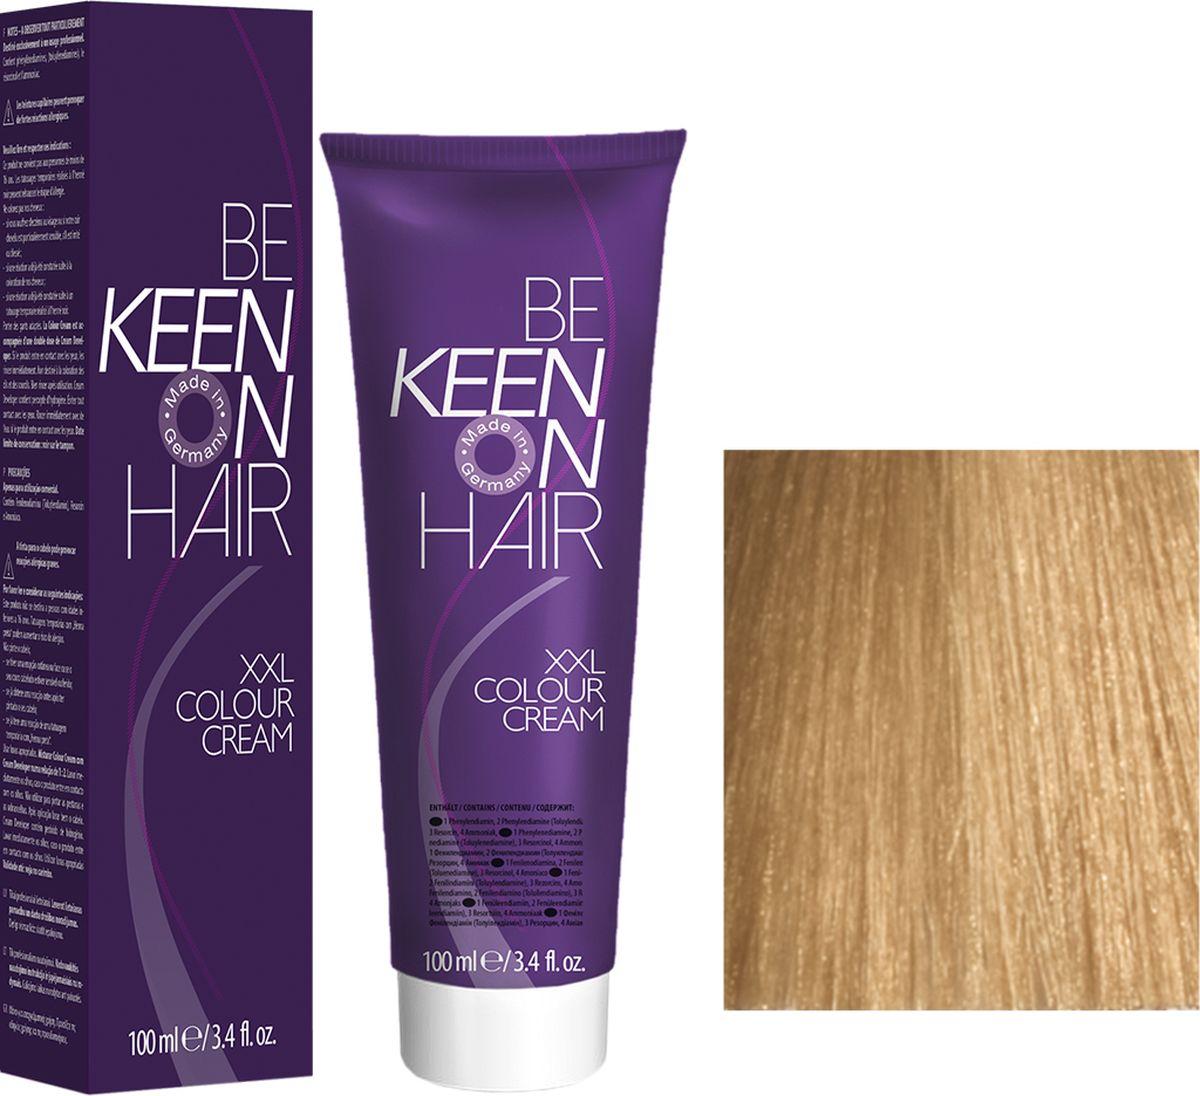 Keen Краска для волос 9.0 Светлый блондин Hellblond, 100 мл69100085Модные оттенкиБолее 100 оттенков для креативной комбинации цветов.ЭкономичностьПри использовании тюбика 100 мл вы получаете оптимальное соотношение цены и качества!УходМолочный белок поддерживает структуру волоса во время окрашивания и придает волосам блеск и шелковистость. Протеины хорошо встраиваются в волосы и снабжают их влагой.